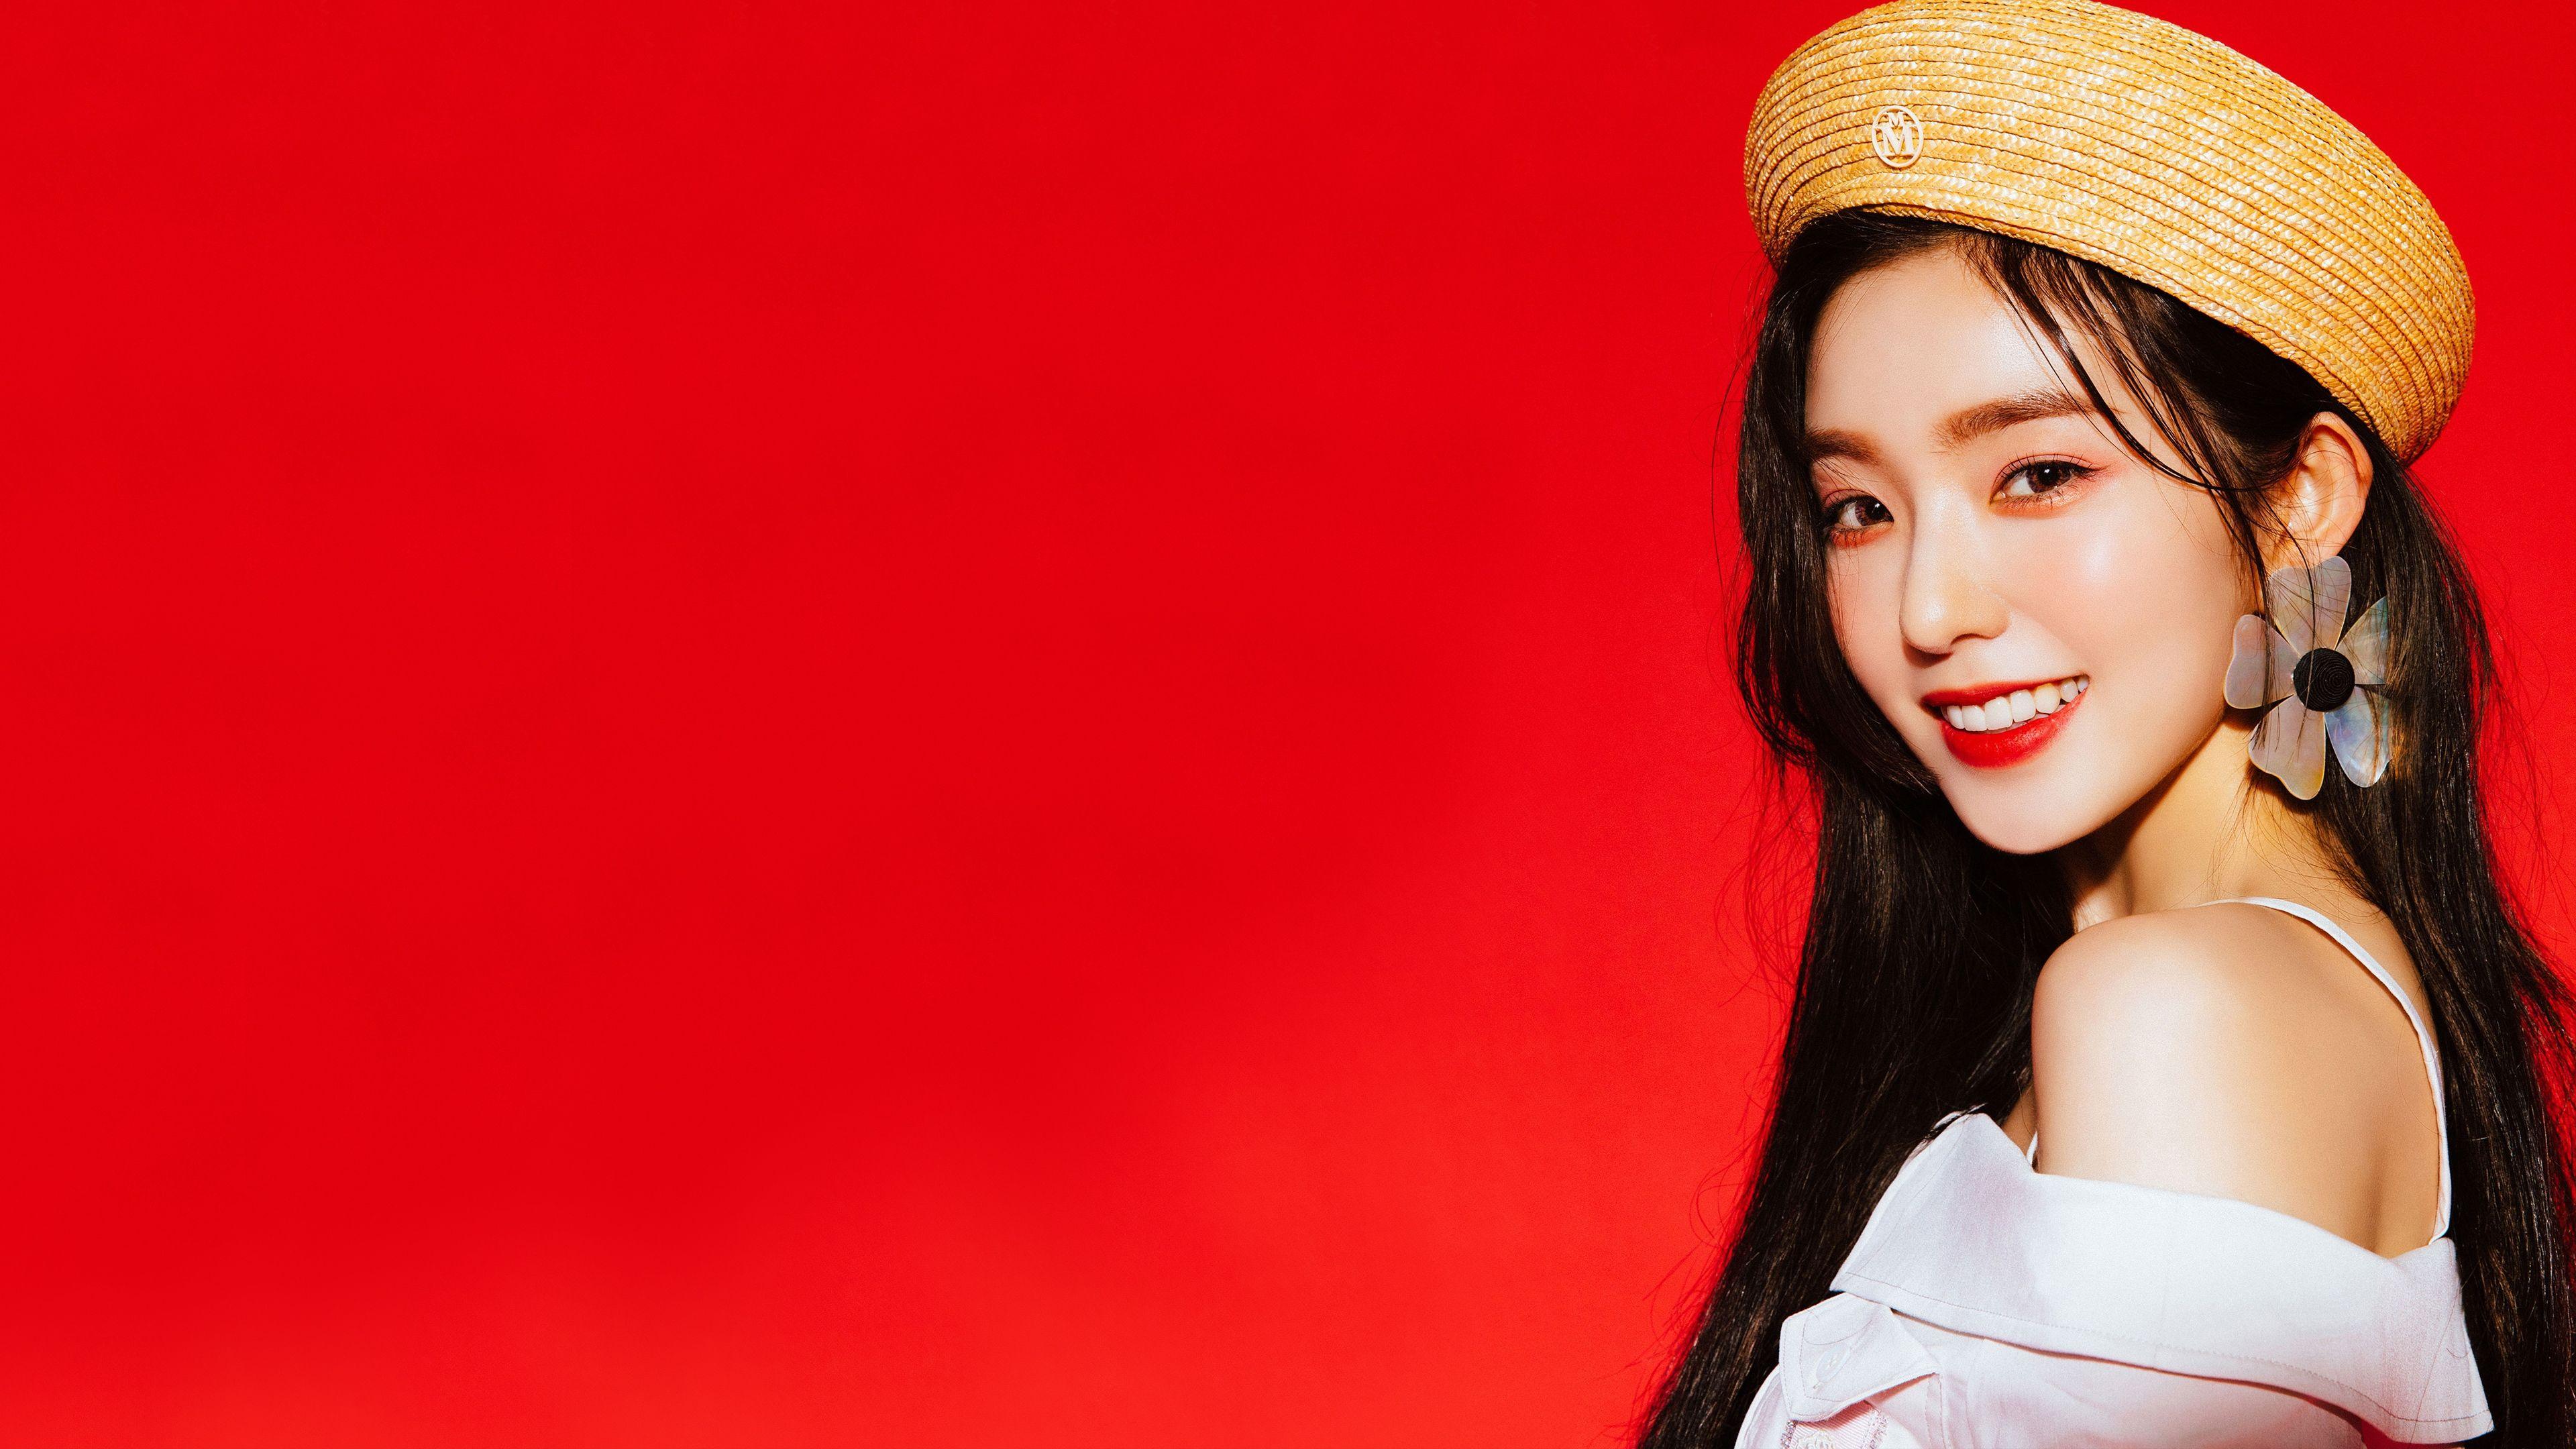 Irene Red Velvet Power Up Summer Magic 4k 20449 Red Velvet Irene Red Velvet Velvet